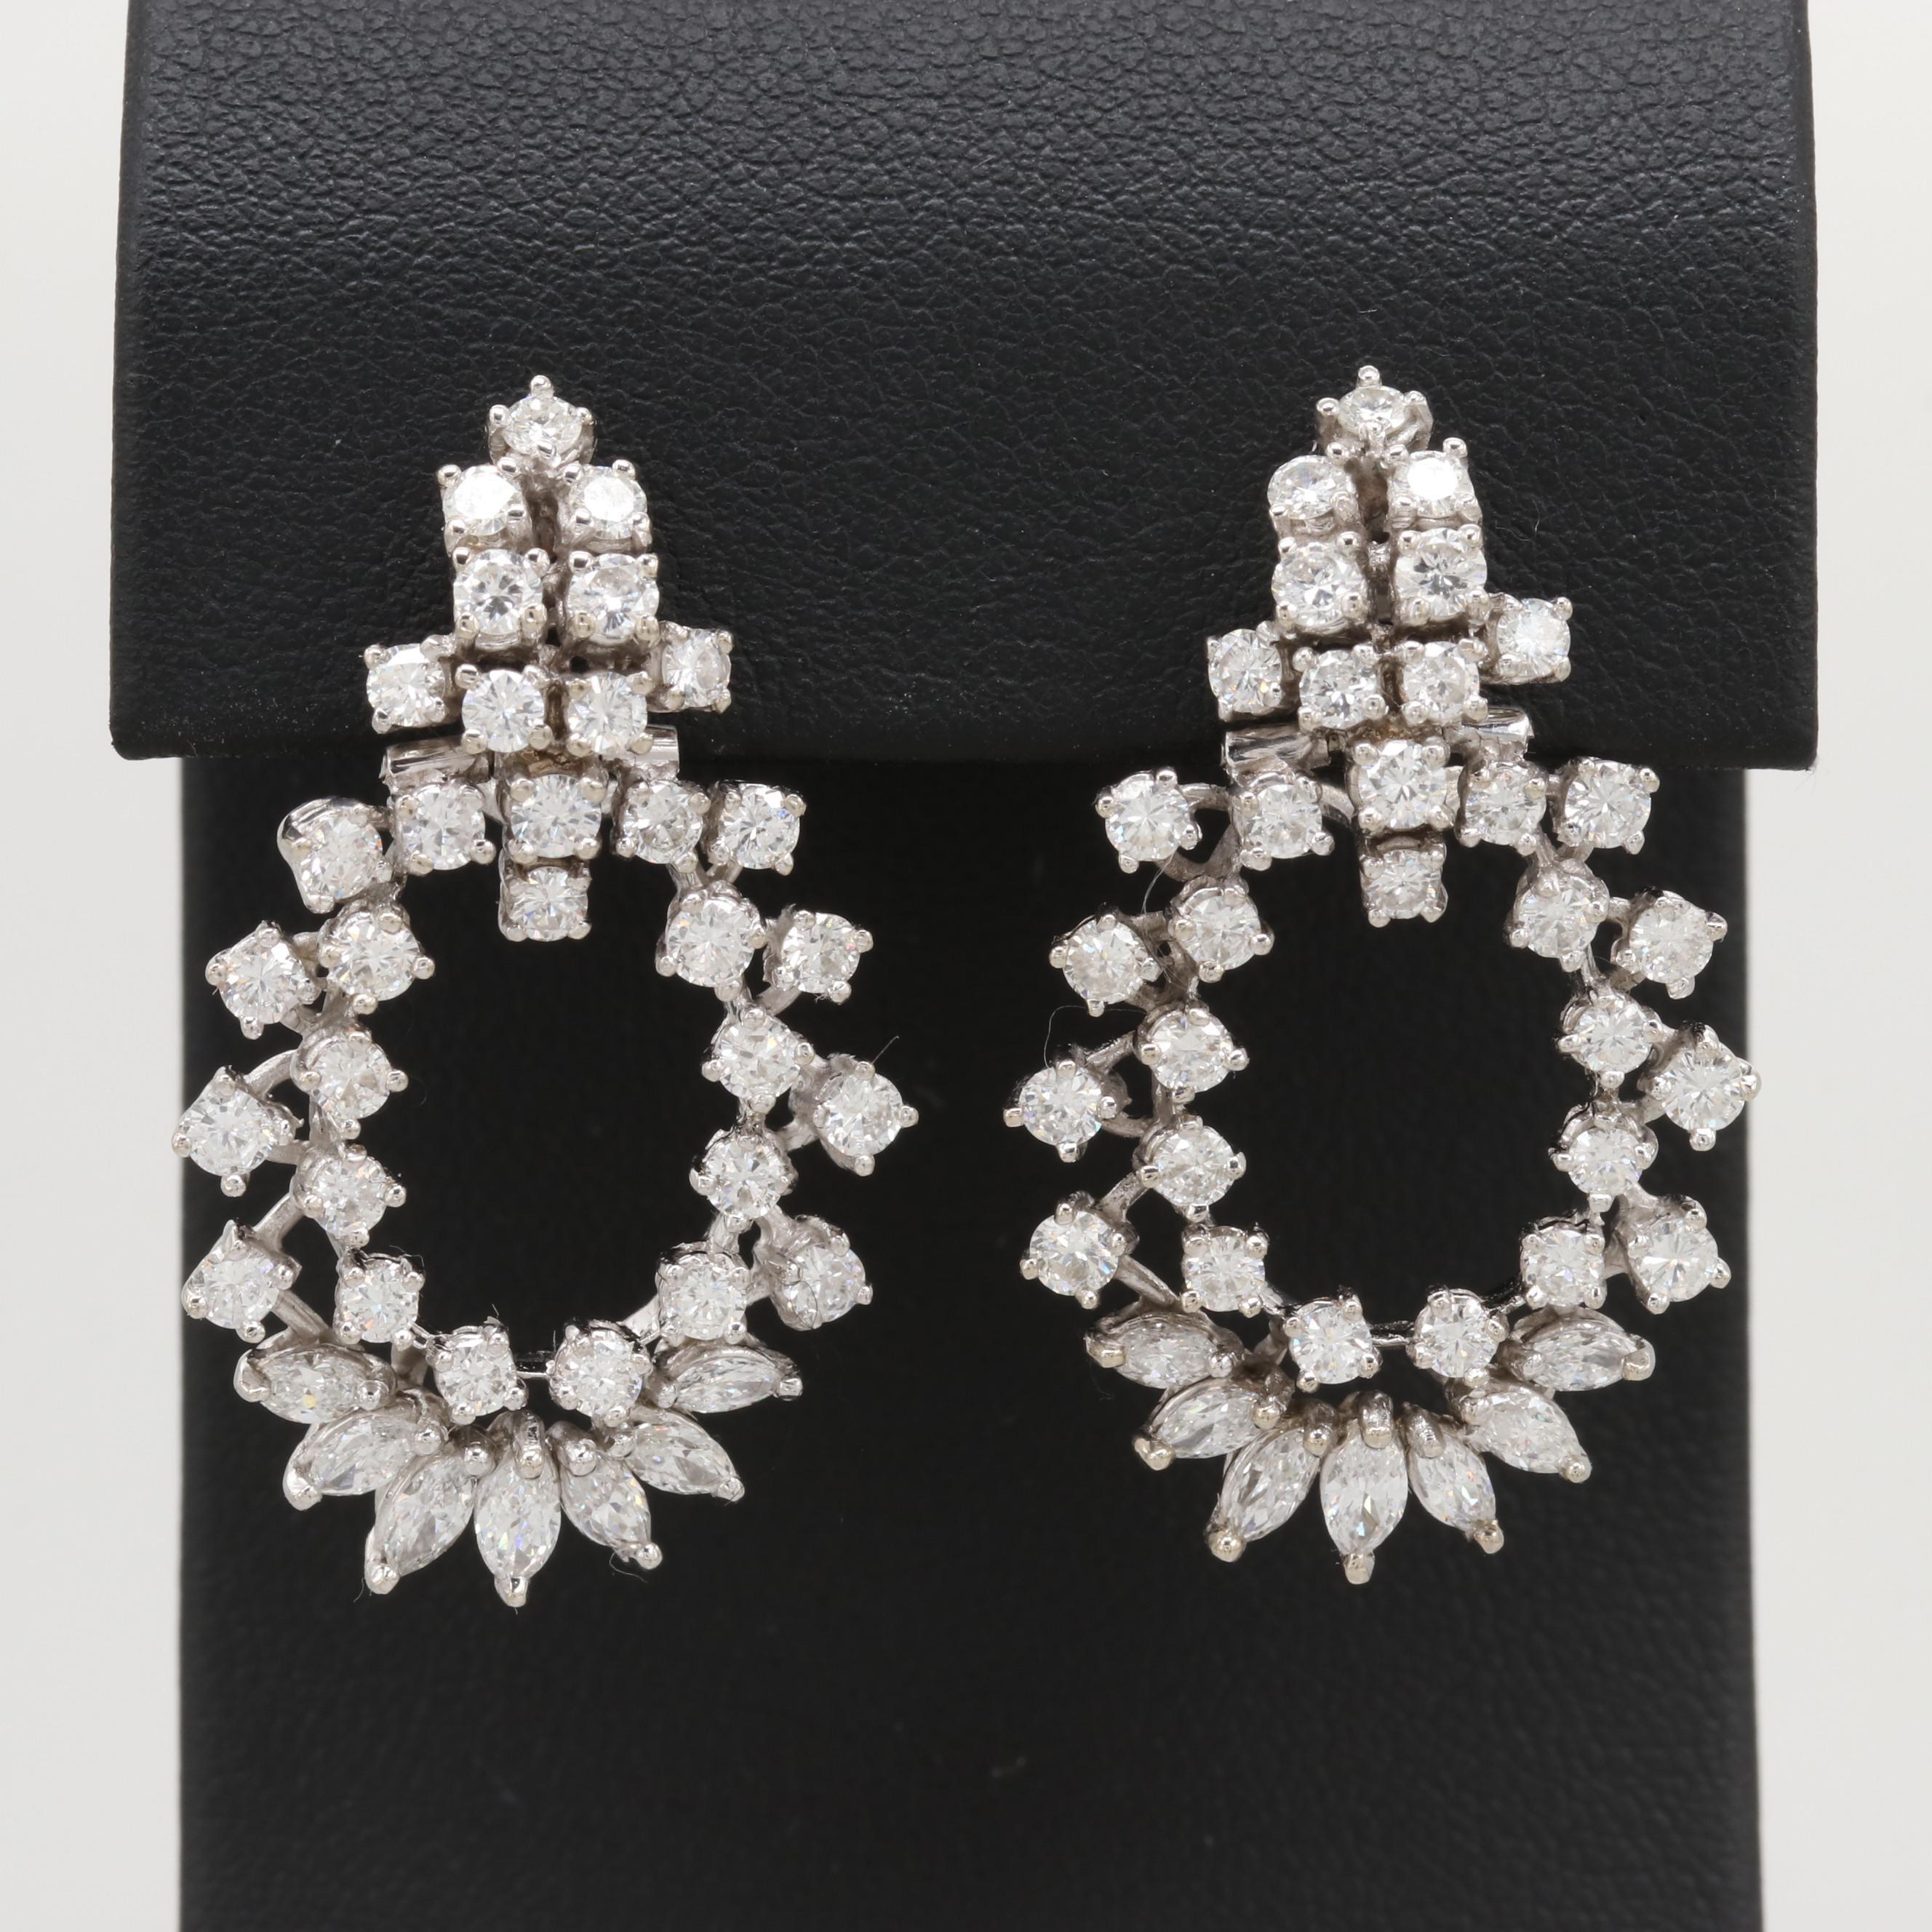 14K White Gold 4.11 CTW Diamond Earrings